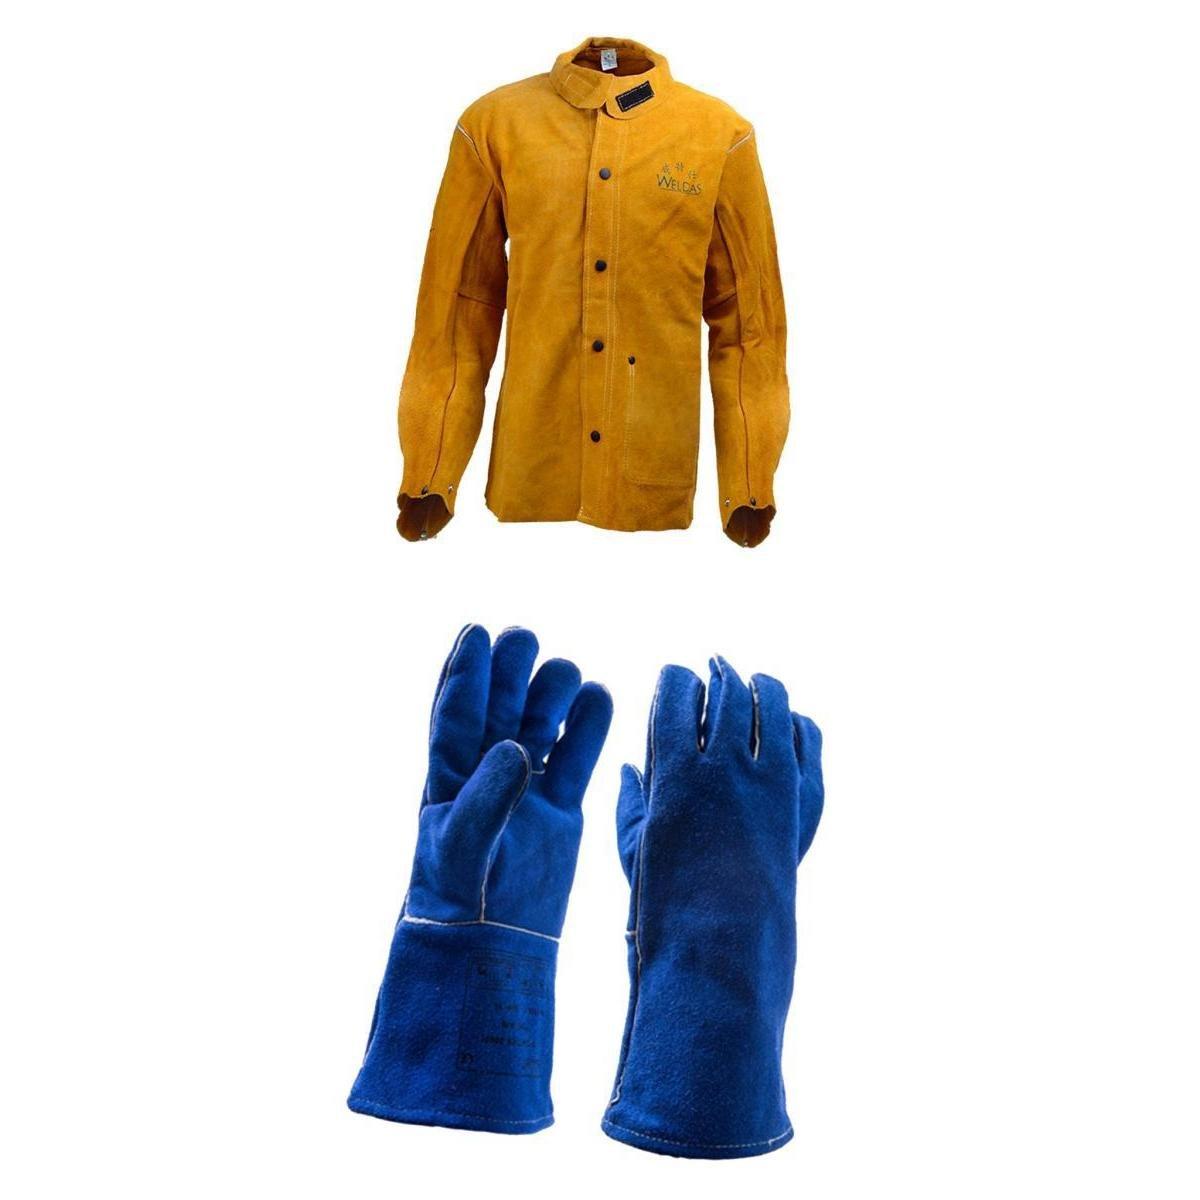 SONONIA 溶接ジャケット+作業手袋 防護服 耐火性 耐熱性 耐磨耗性 快適 牛革 M/XL/XXL XL B078PKDRN7 xl  xl